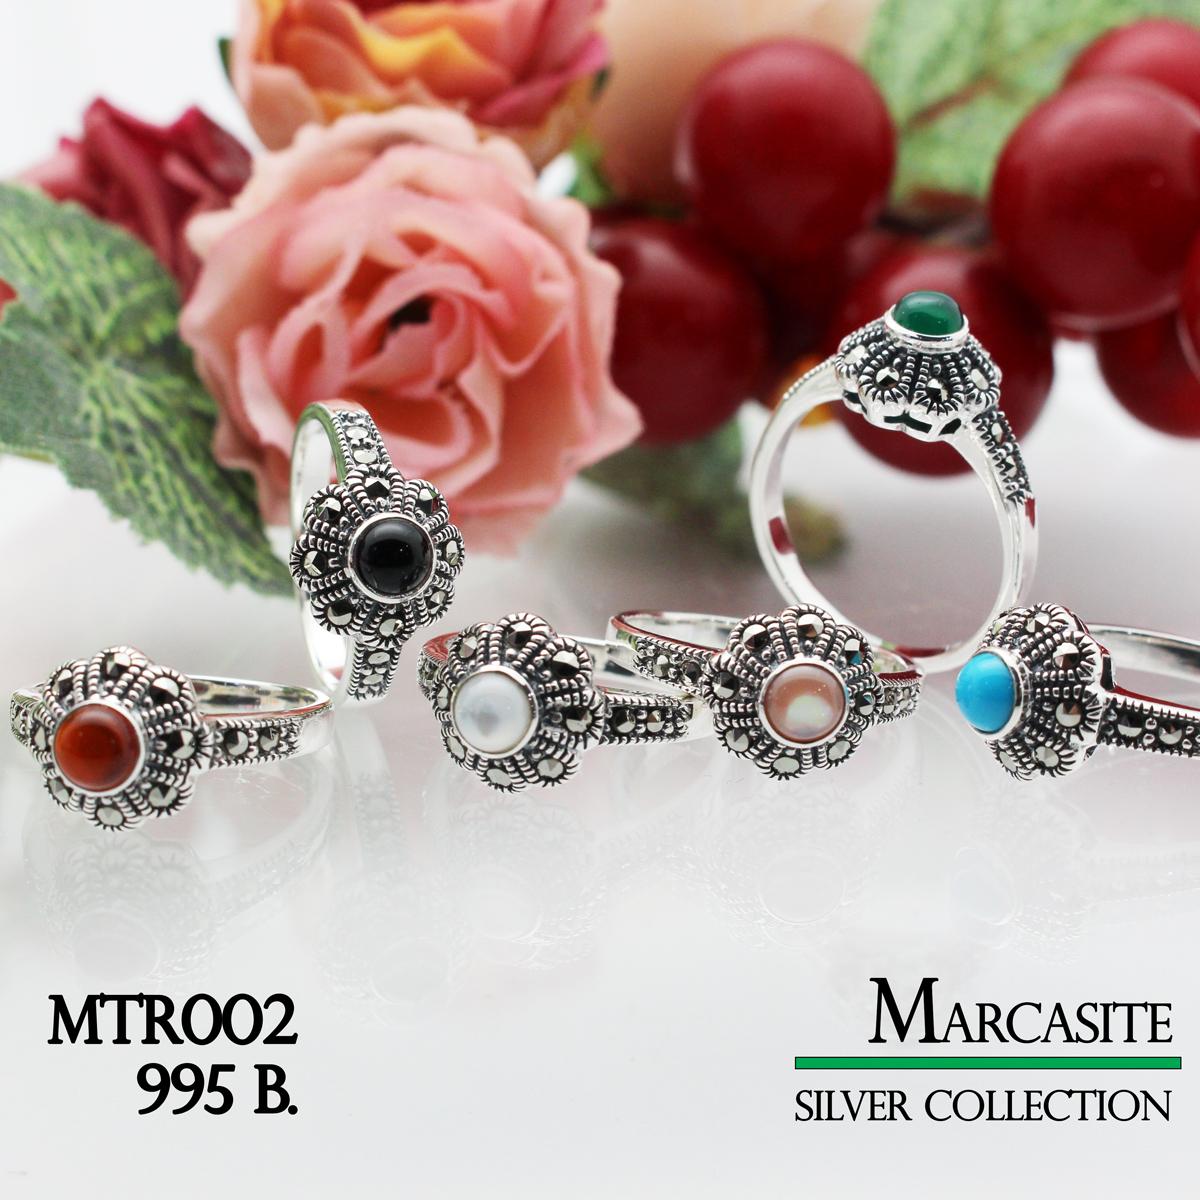 แหวนเงินแท้ประดับประดับหินและมาร์คาไซท์